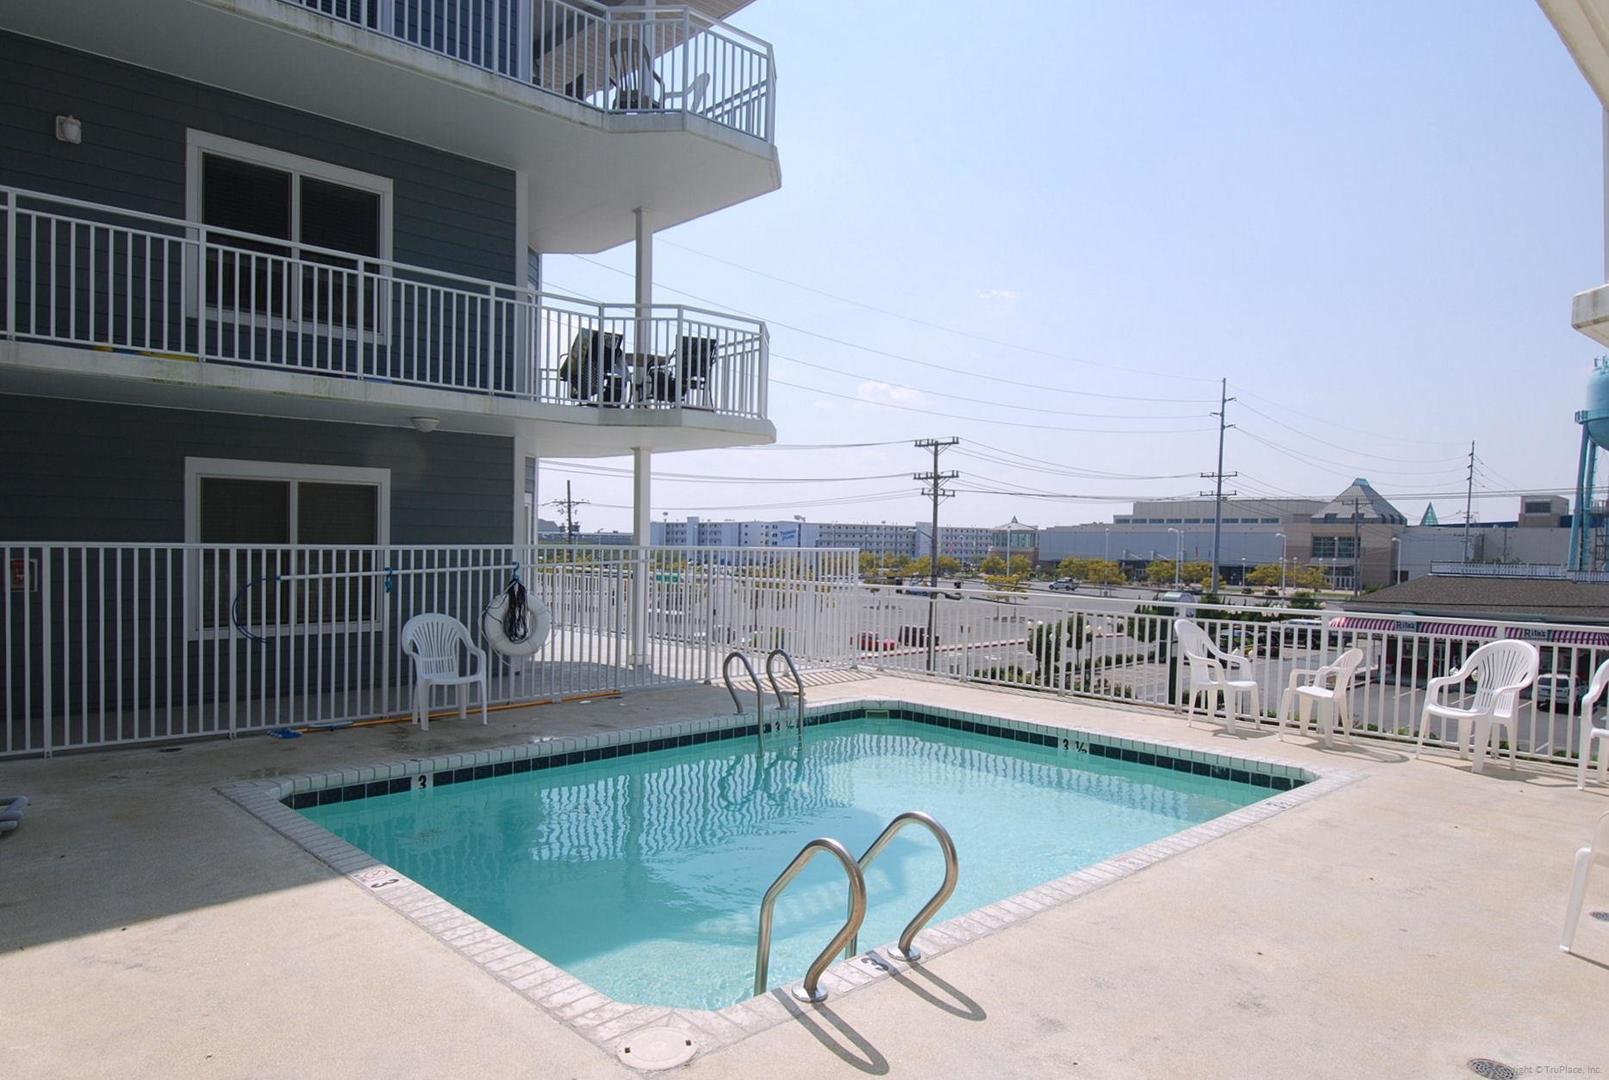 4100 Condos Bldg - Outdoor Pool (open seasonally)